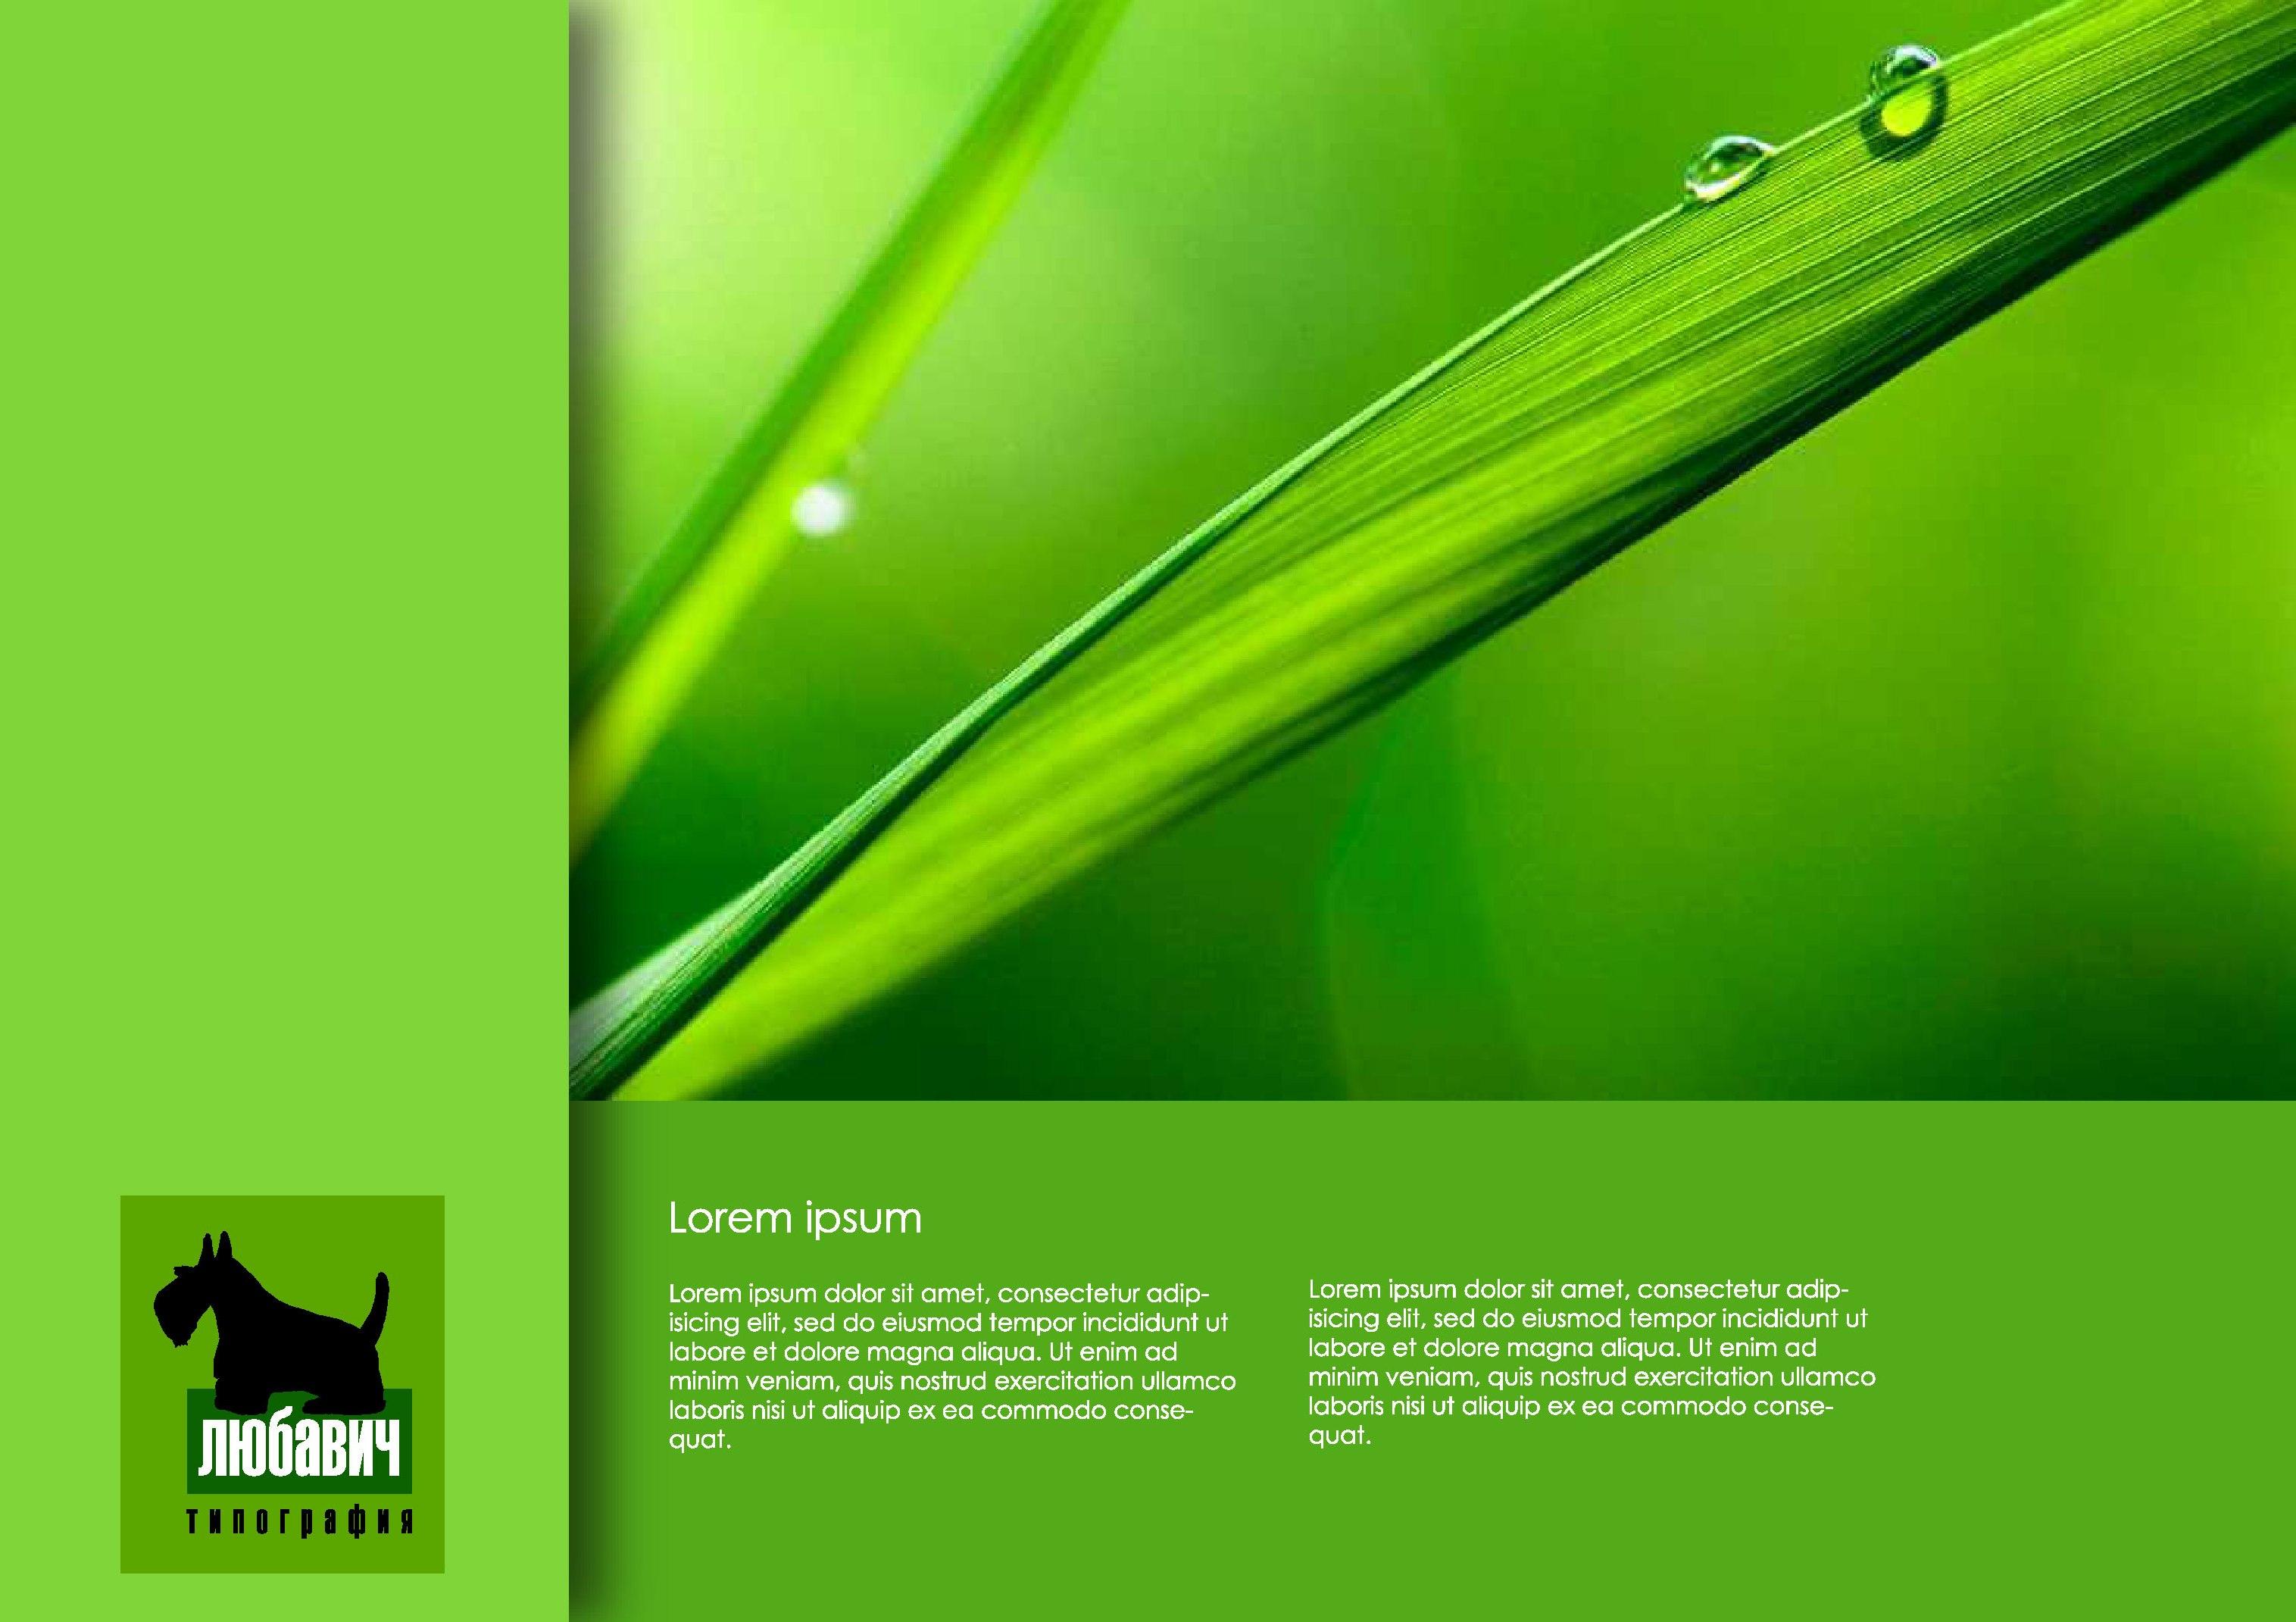 Дизайн рекламной брошюры возможностей типографии фото f_024564f0a667b788.jpg